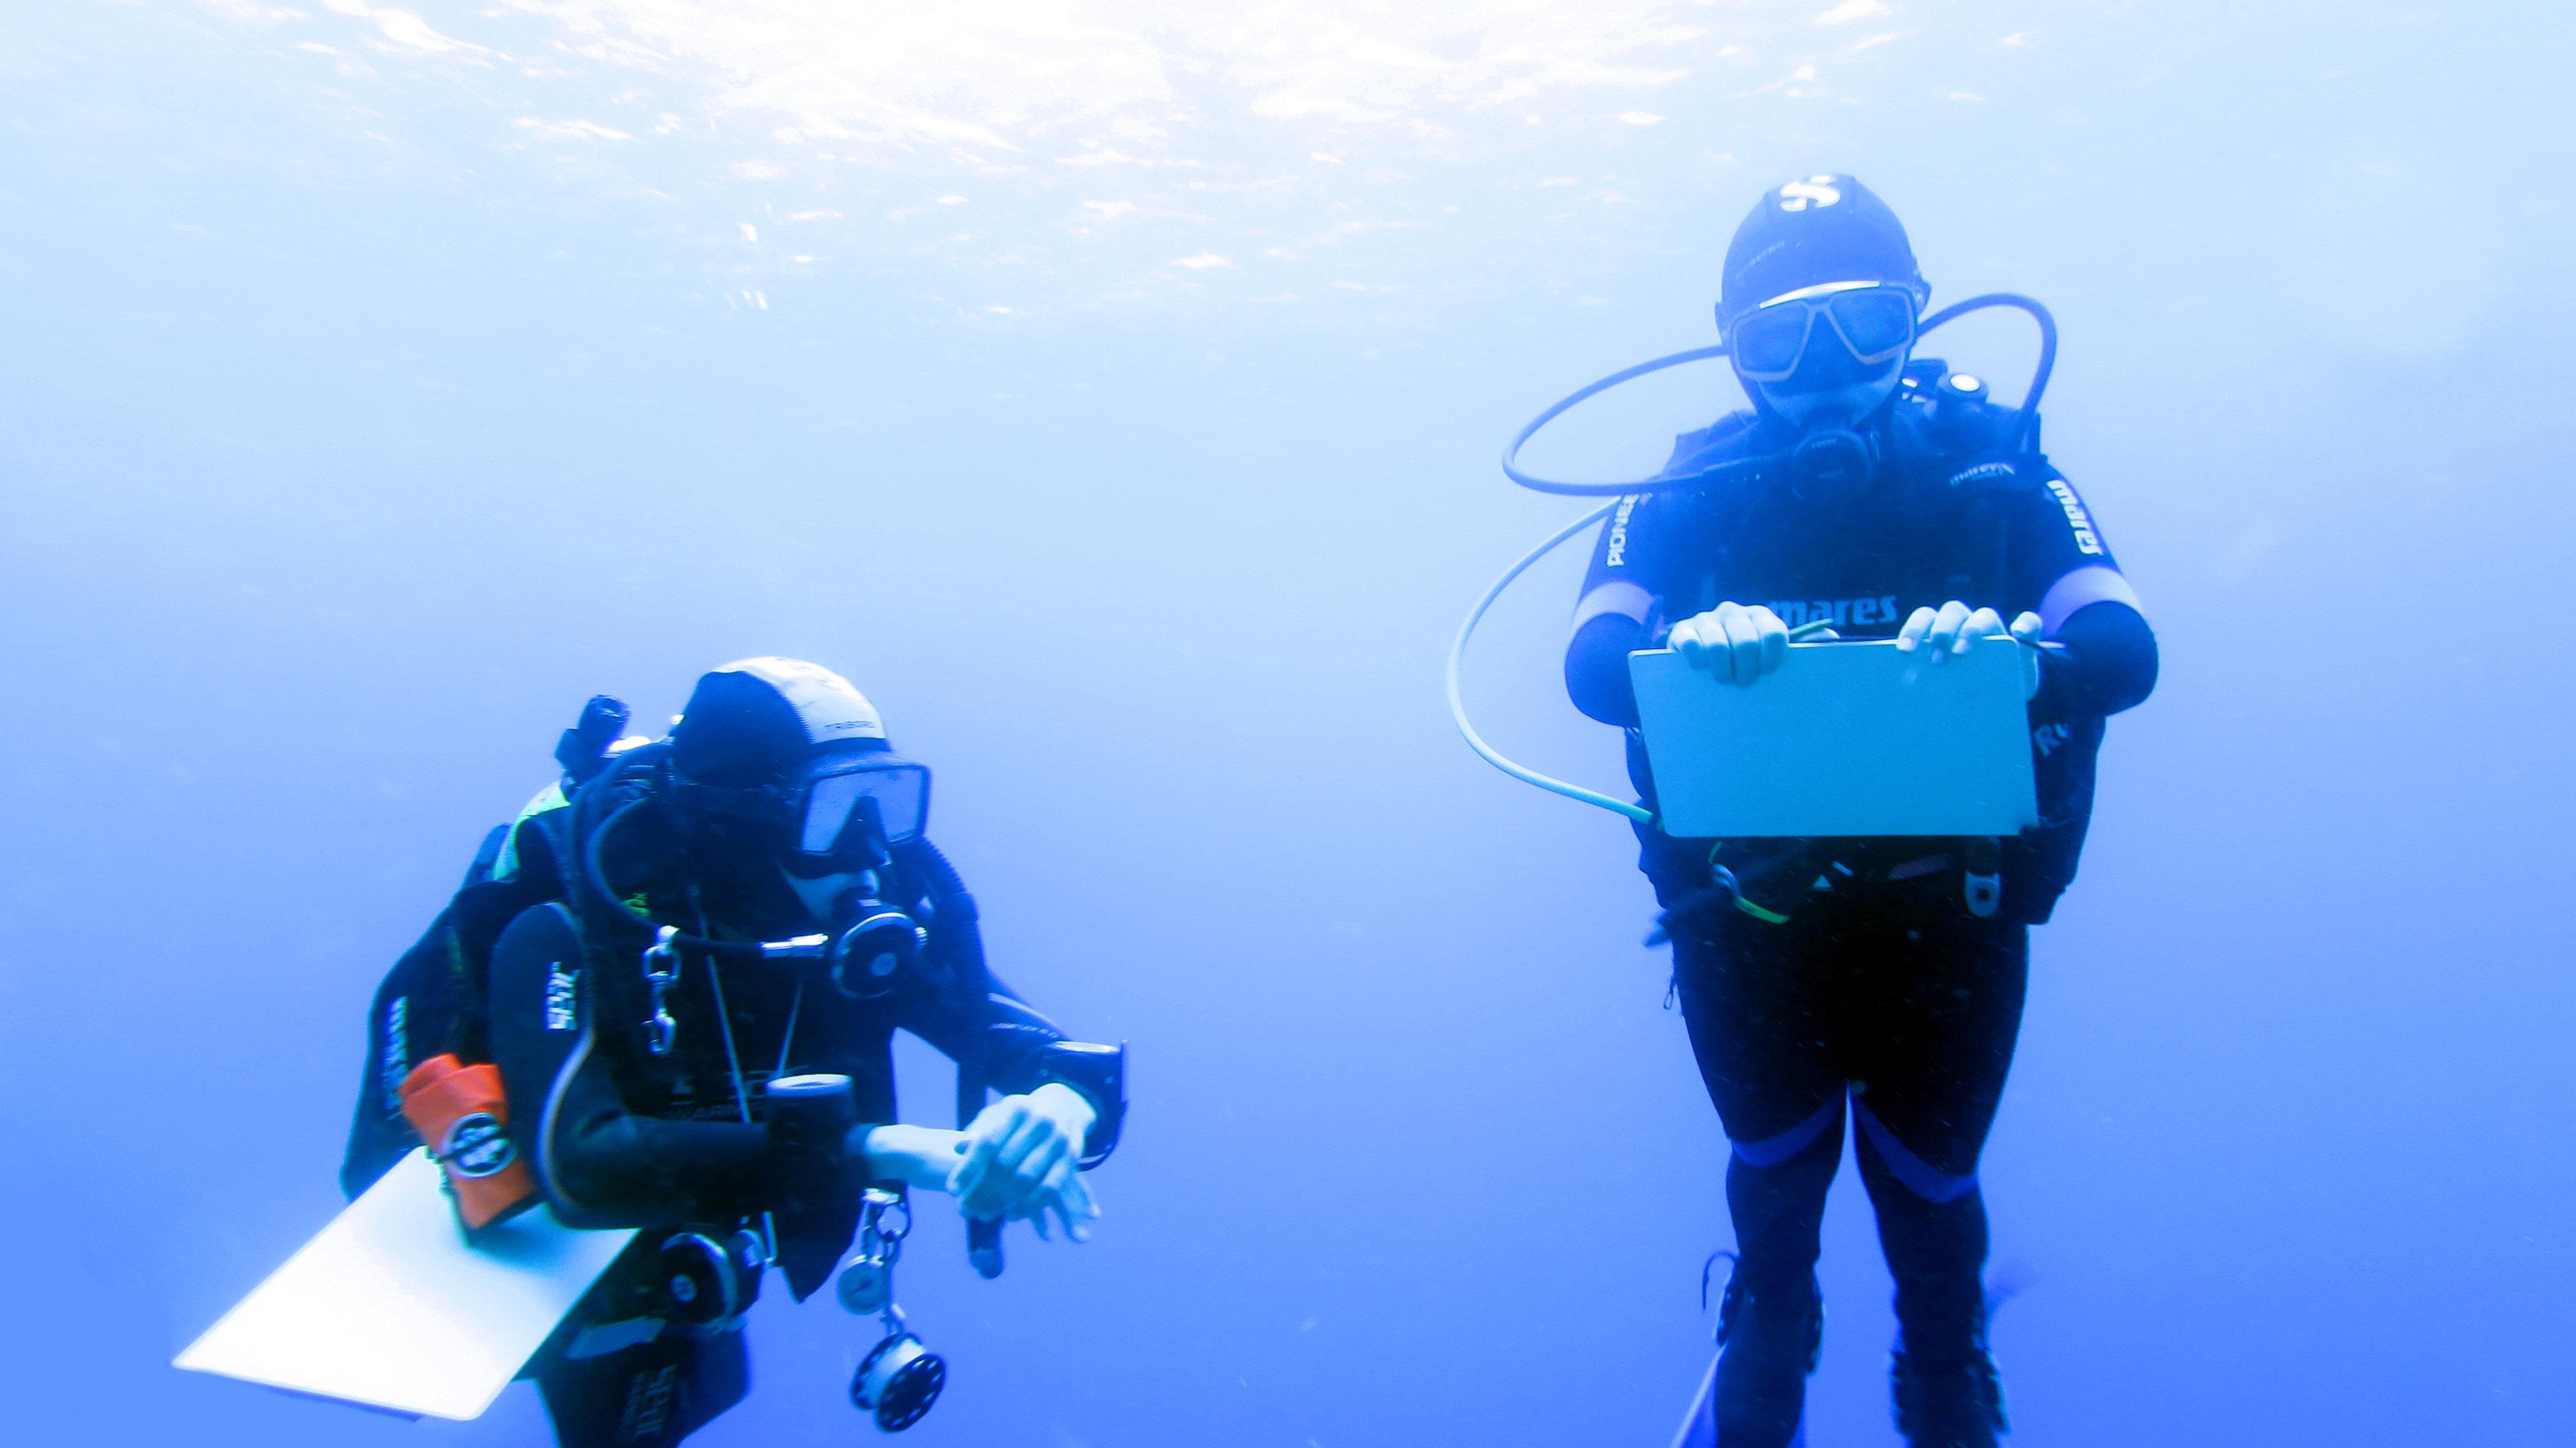 Come pianificare l'immersione subacquea